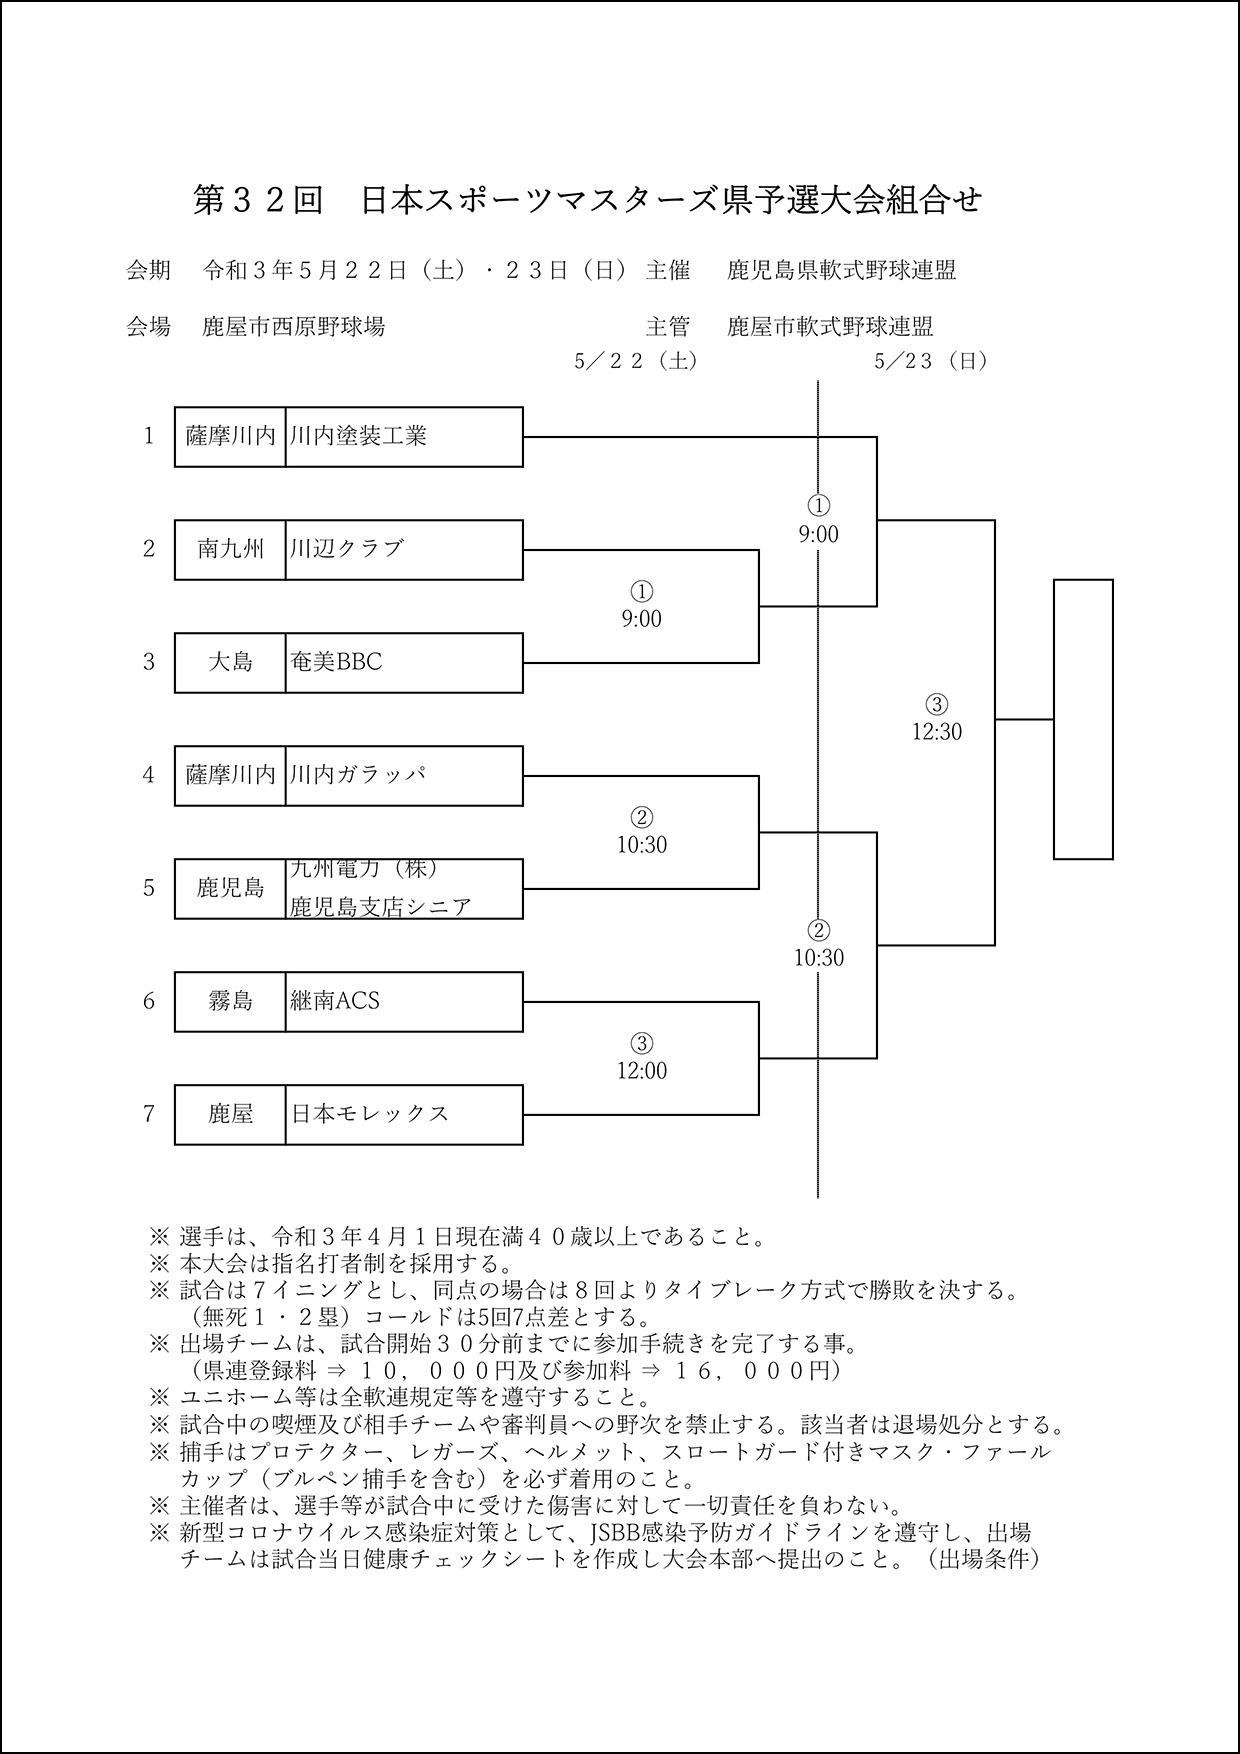 【組合せ】第32回日本スポーツマスターズ県予選大会